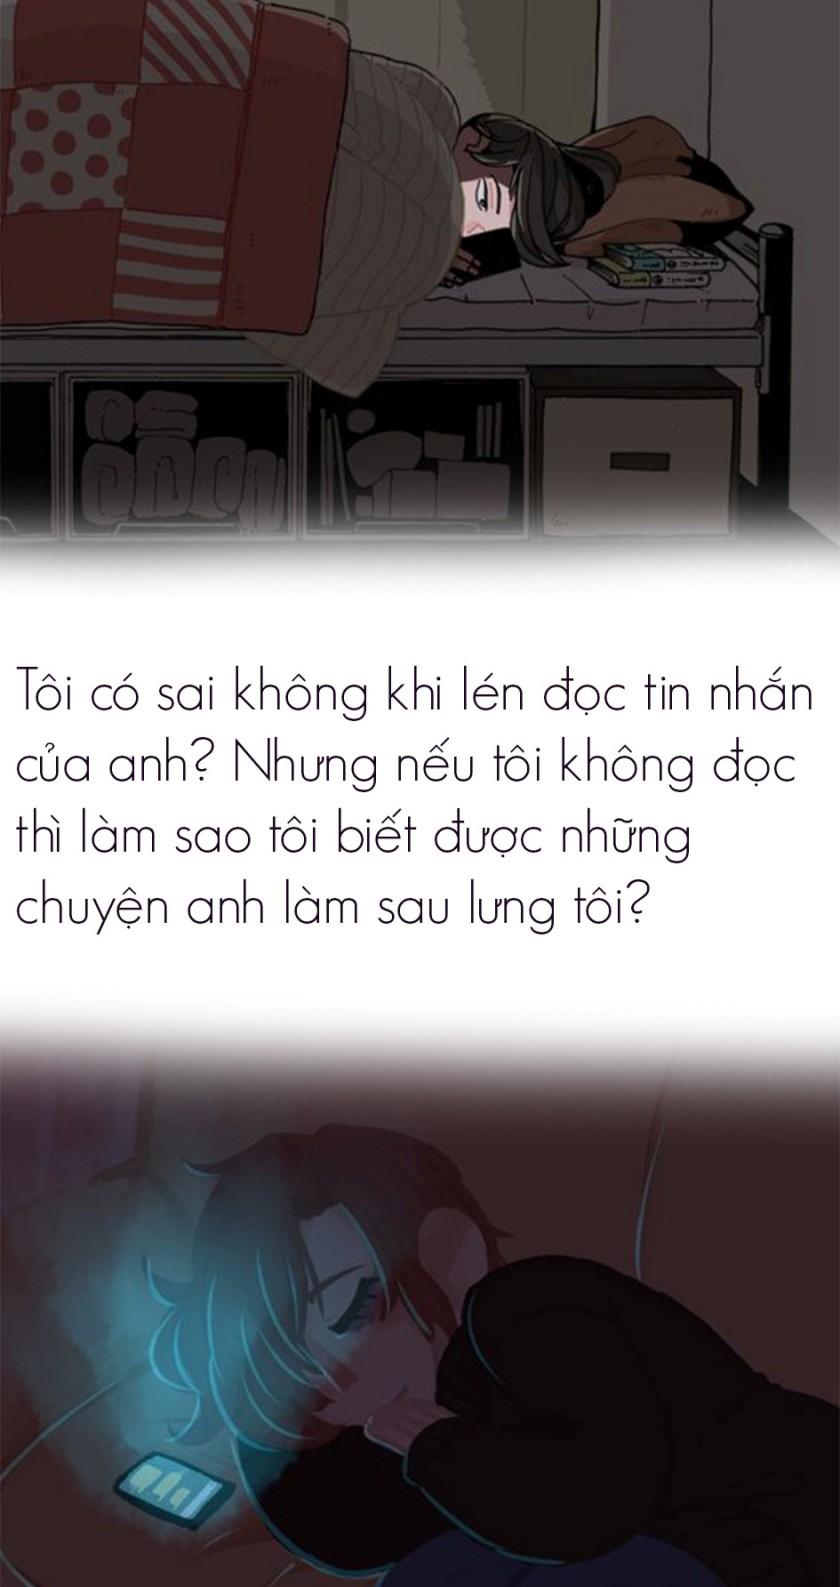 doc-tin-nhan-31